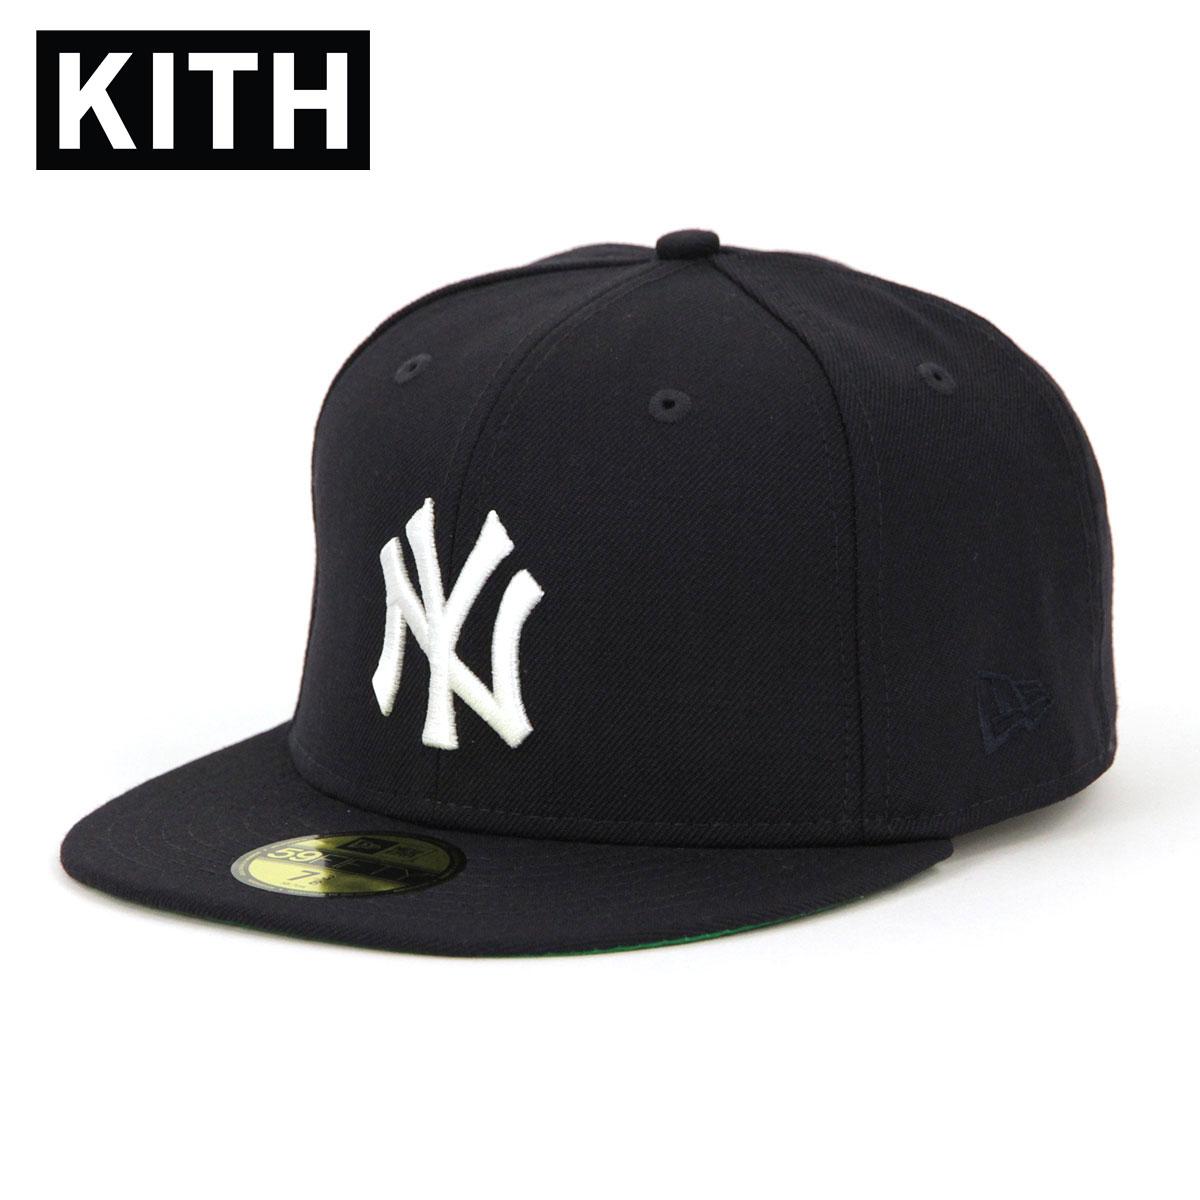 【ポイント10倍 6/4 20:00~6/11 01:59まで】 キス キャップ メンズ 正規品 KITH 帽子 KITH X NEW ERA X NEW YORK YANKEES 59FIFTY CAPS NAVY WHITE 父の日